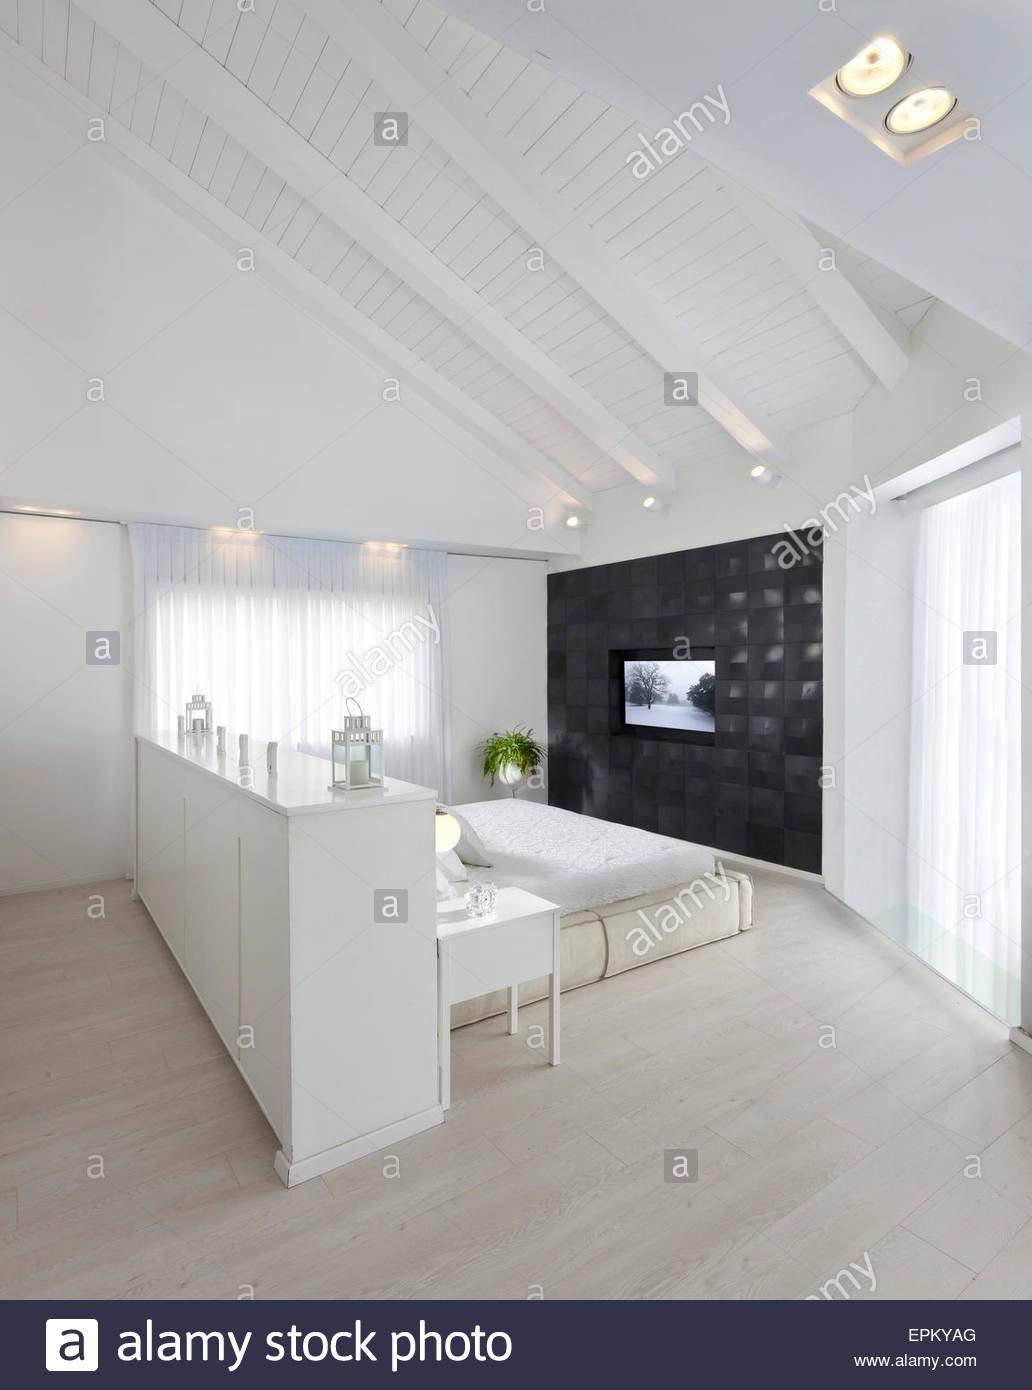 Weie Dachgeschoss Schlafzimmer Mit Doppelbett Und Eingebautem TV In